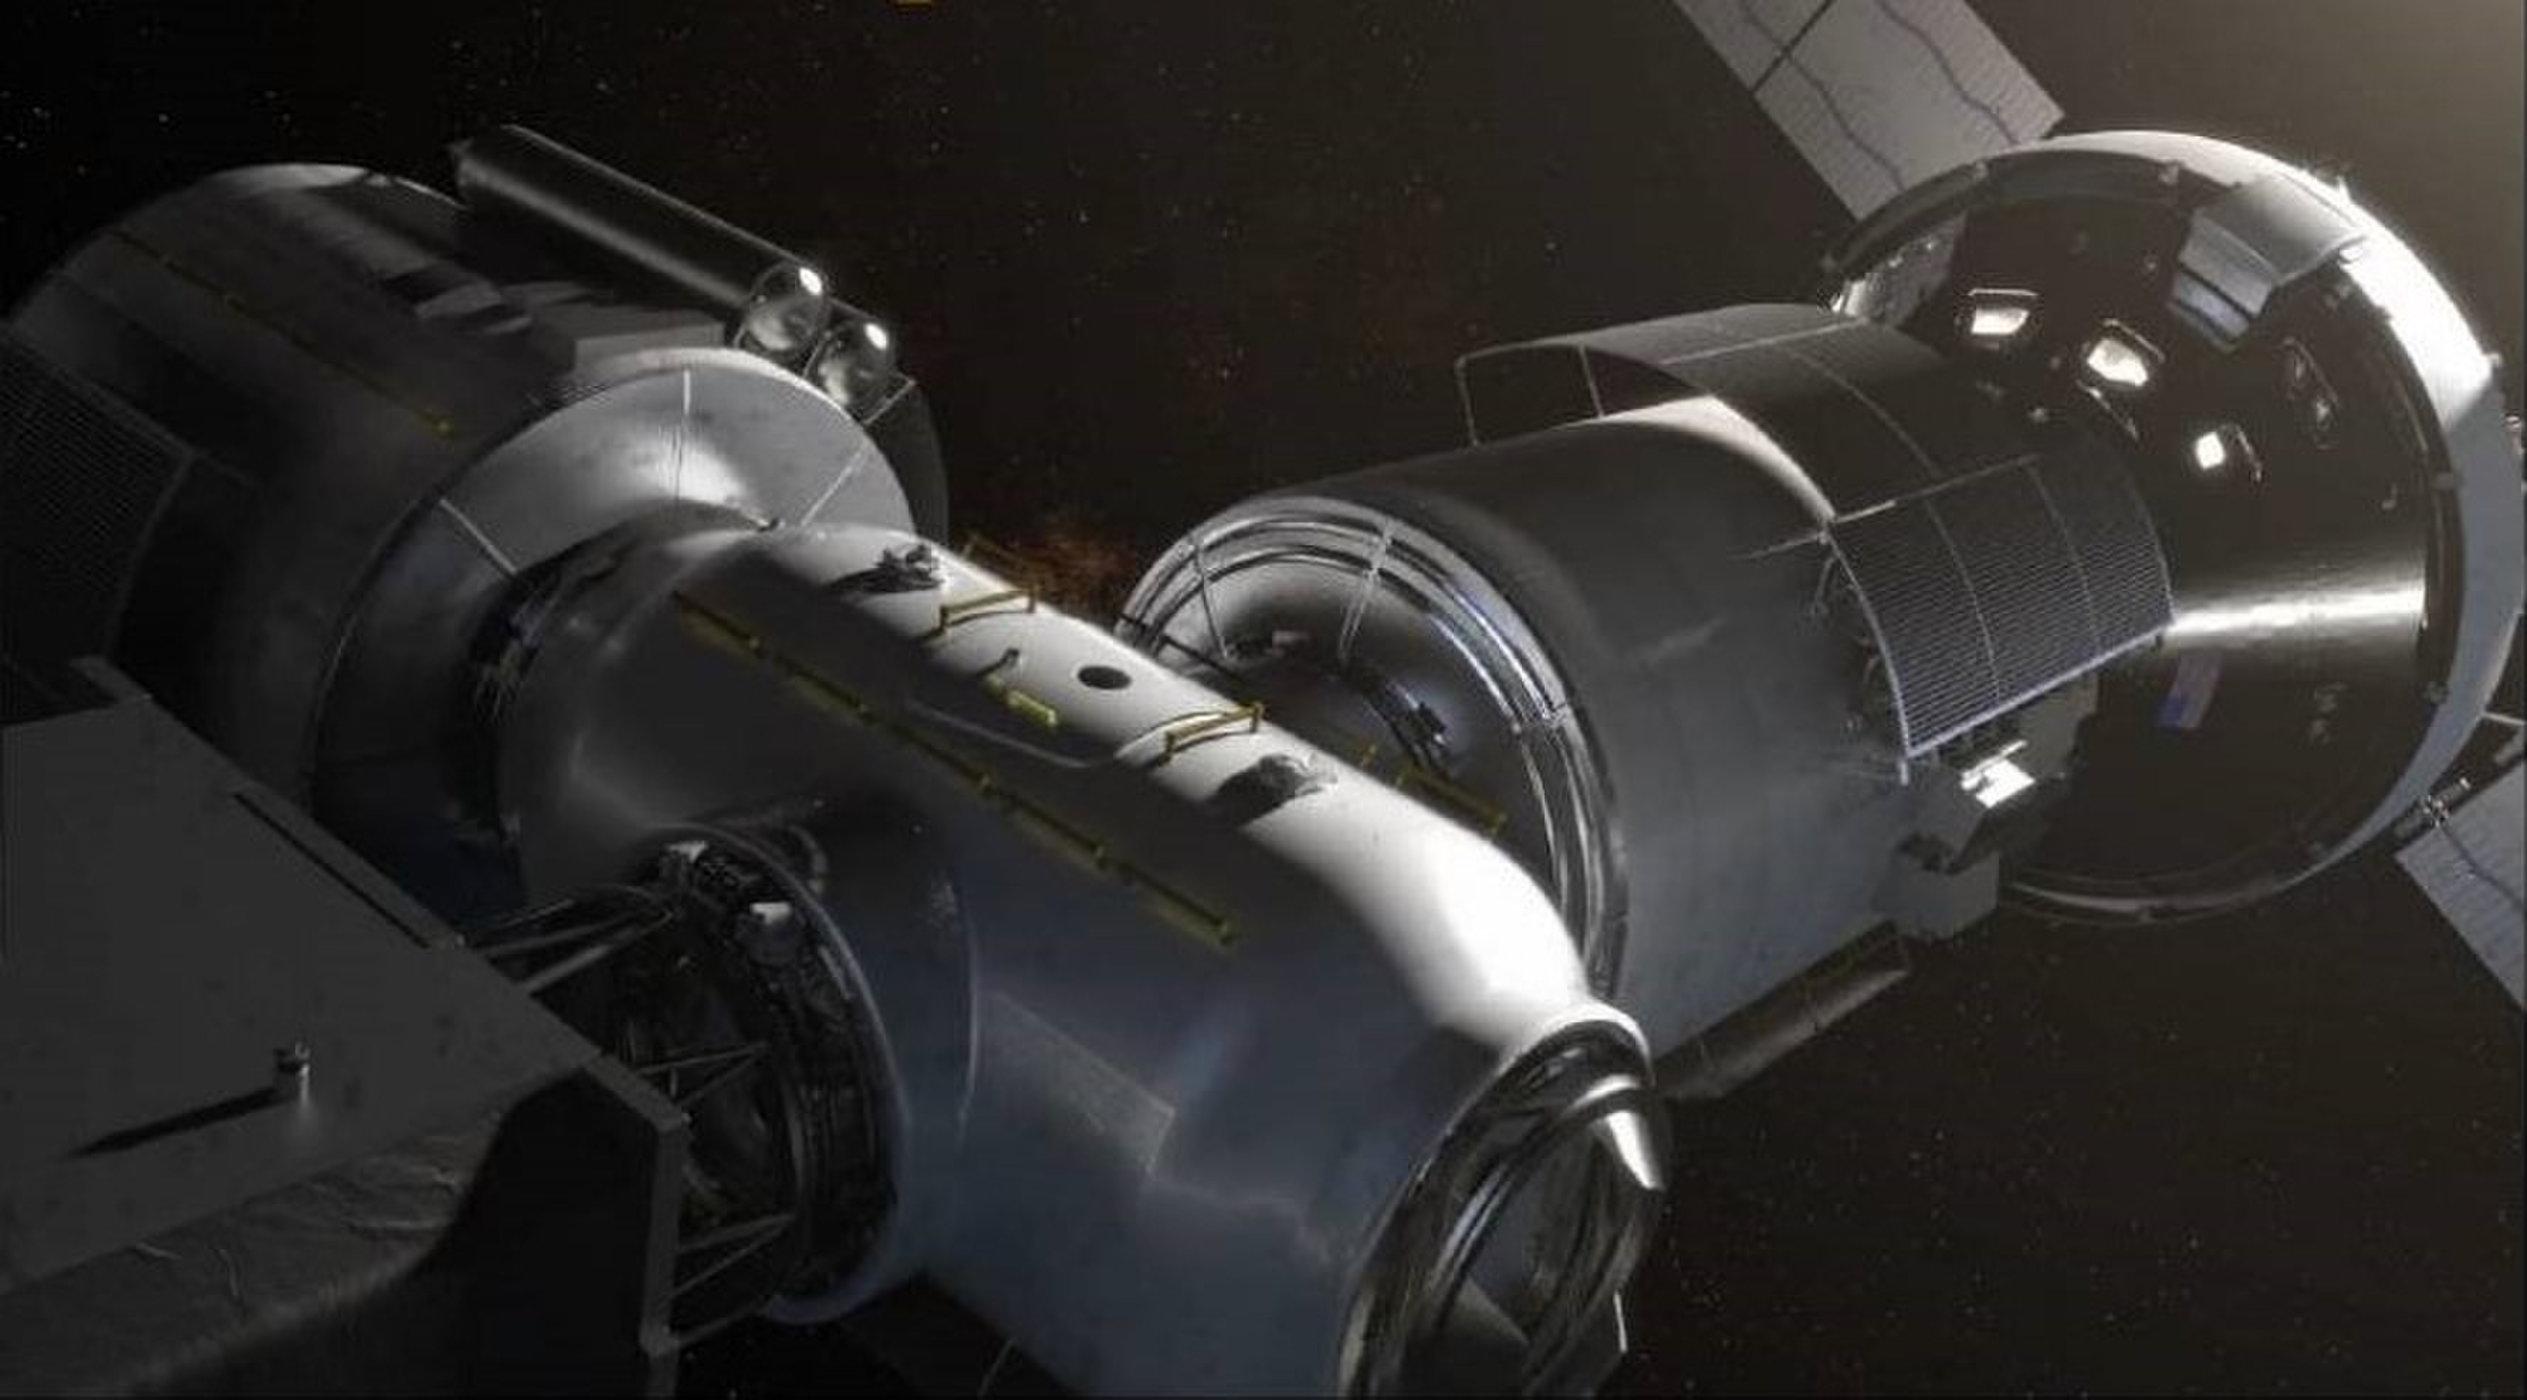 Денег нет, но мы построим: Россия попросила США профинансировать создание лунного модуля